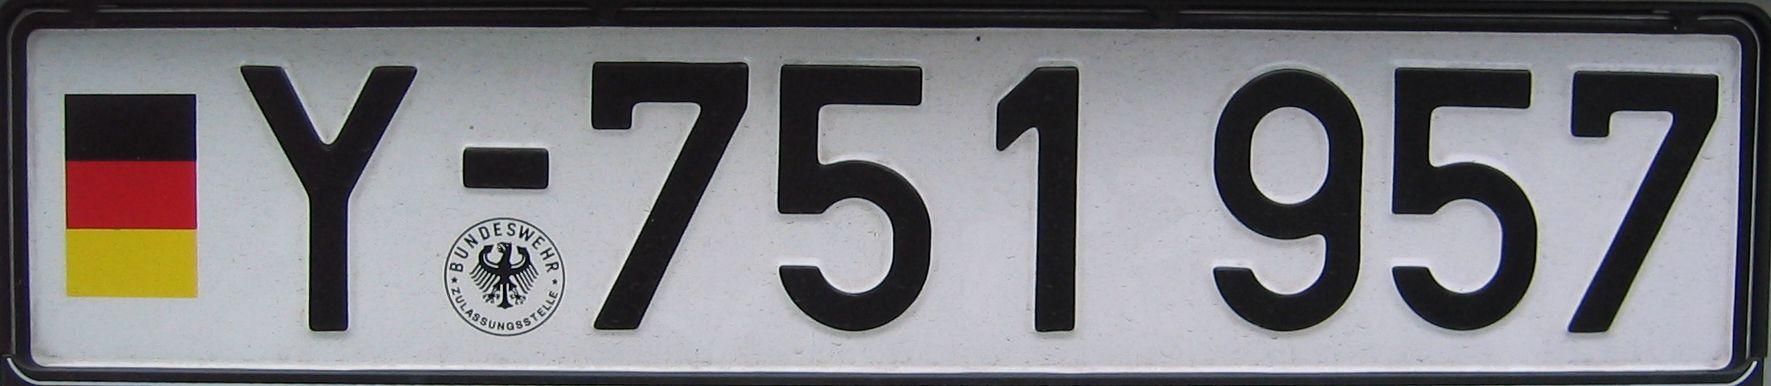 Deutsches Bundeswehr Kfz Kennzeichen German car number plates Facts